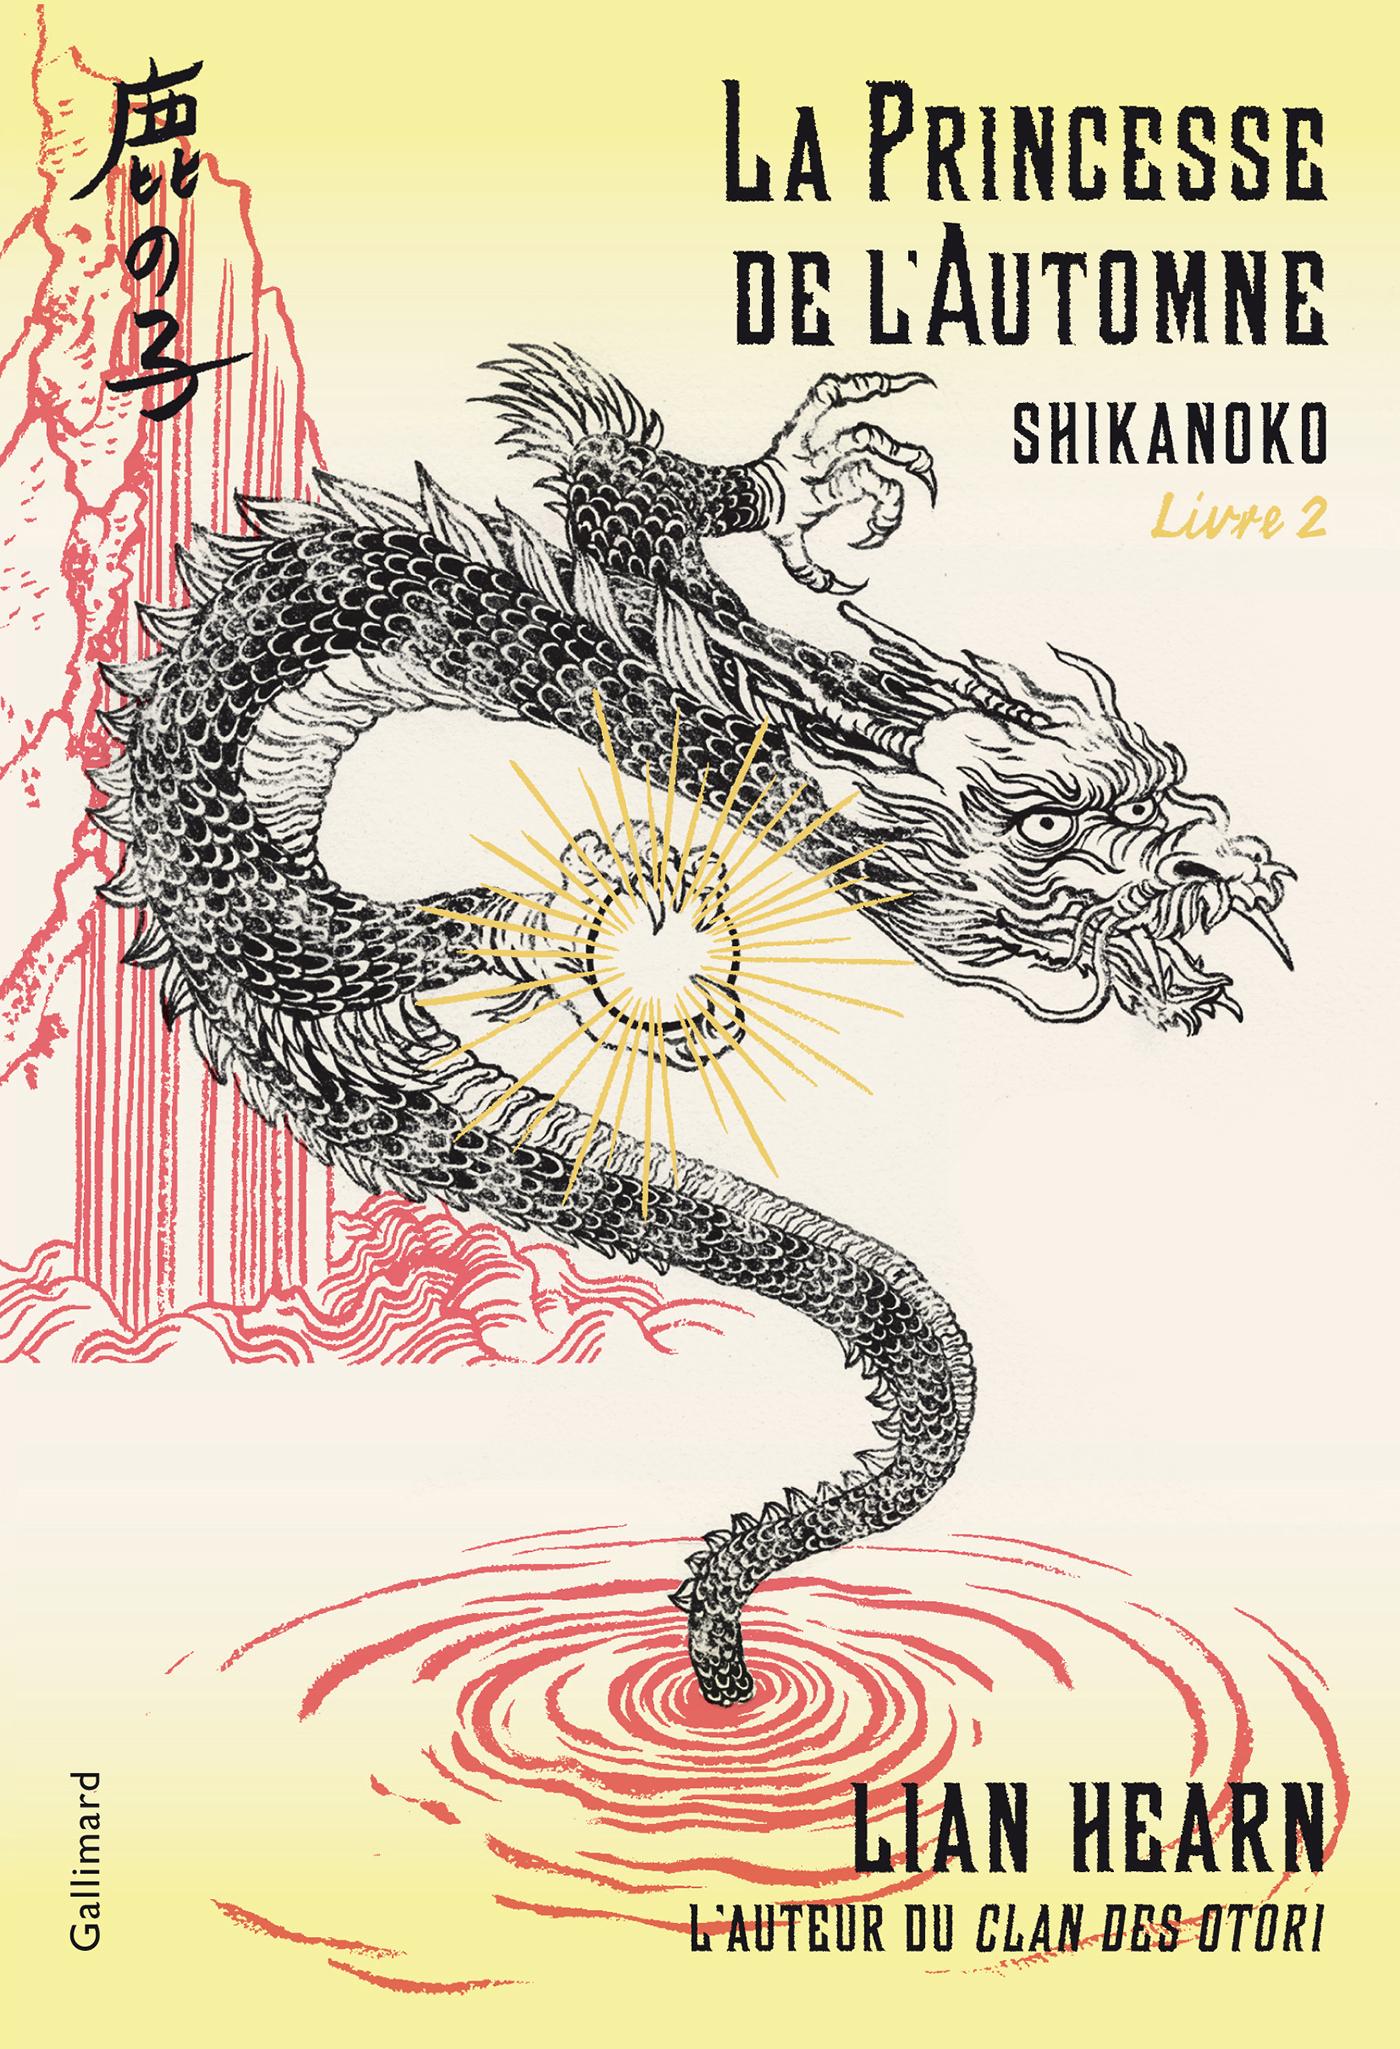 Shikanoko (Livre 2) - La Princesse de l'Automne | Hearn, Lian